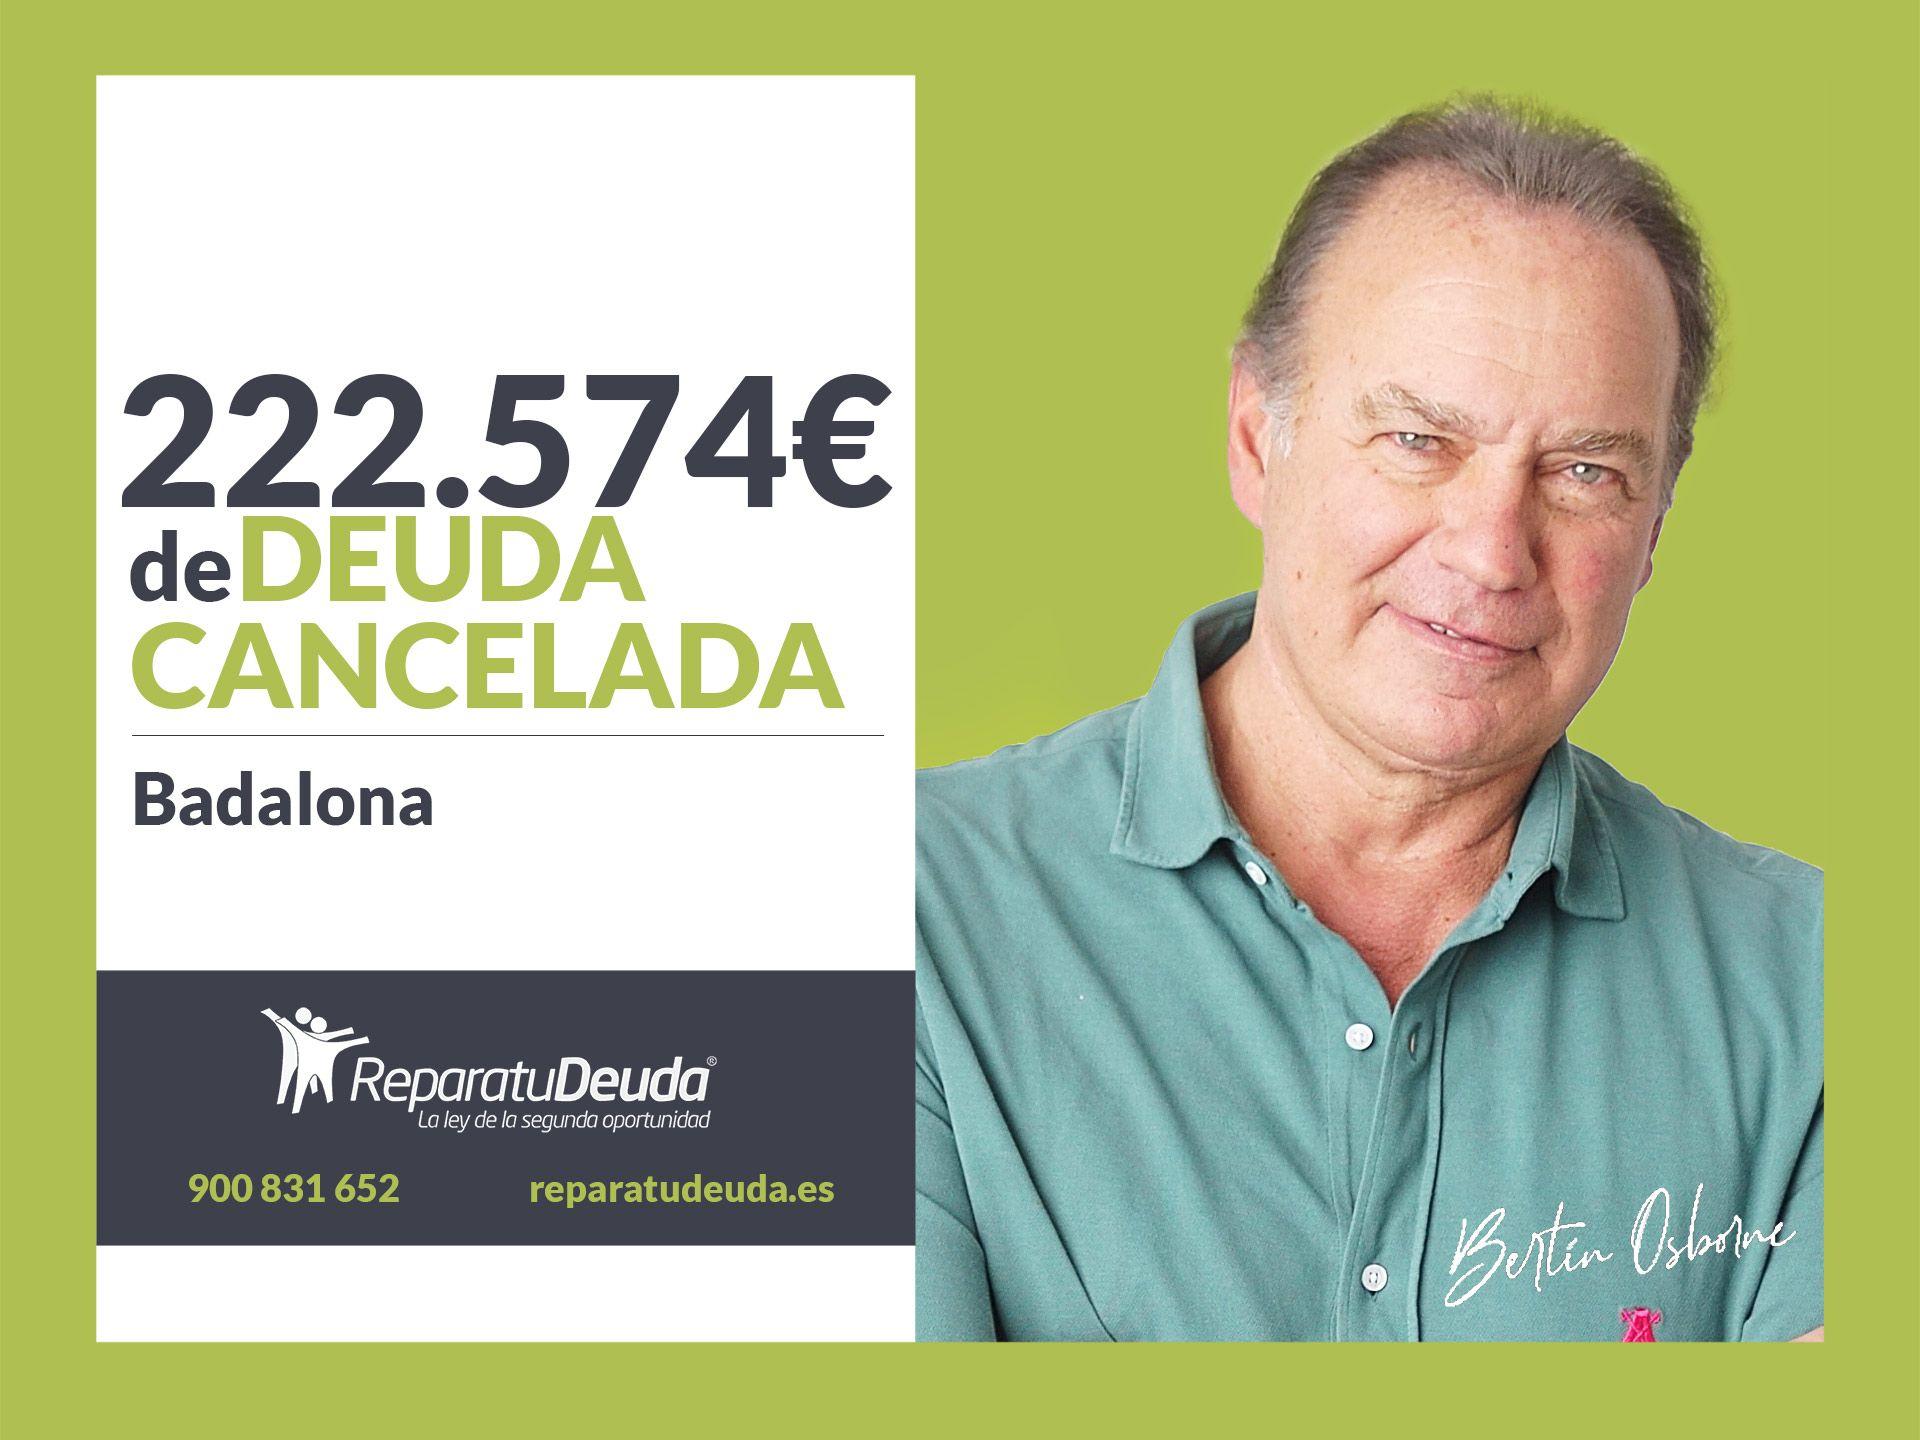 Repara tu Deuda Abogados cancela 222.574 ? en Badalona (Barcelona) con la Ley de Segunda Oportunidad